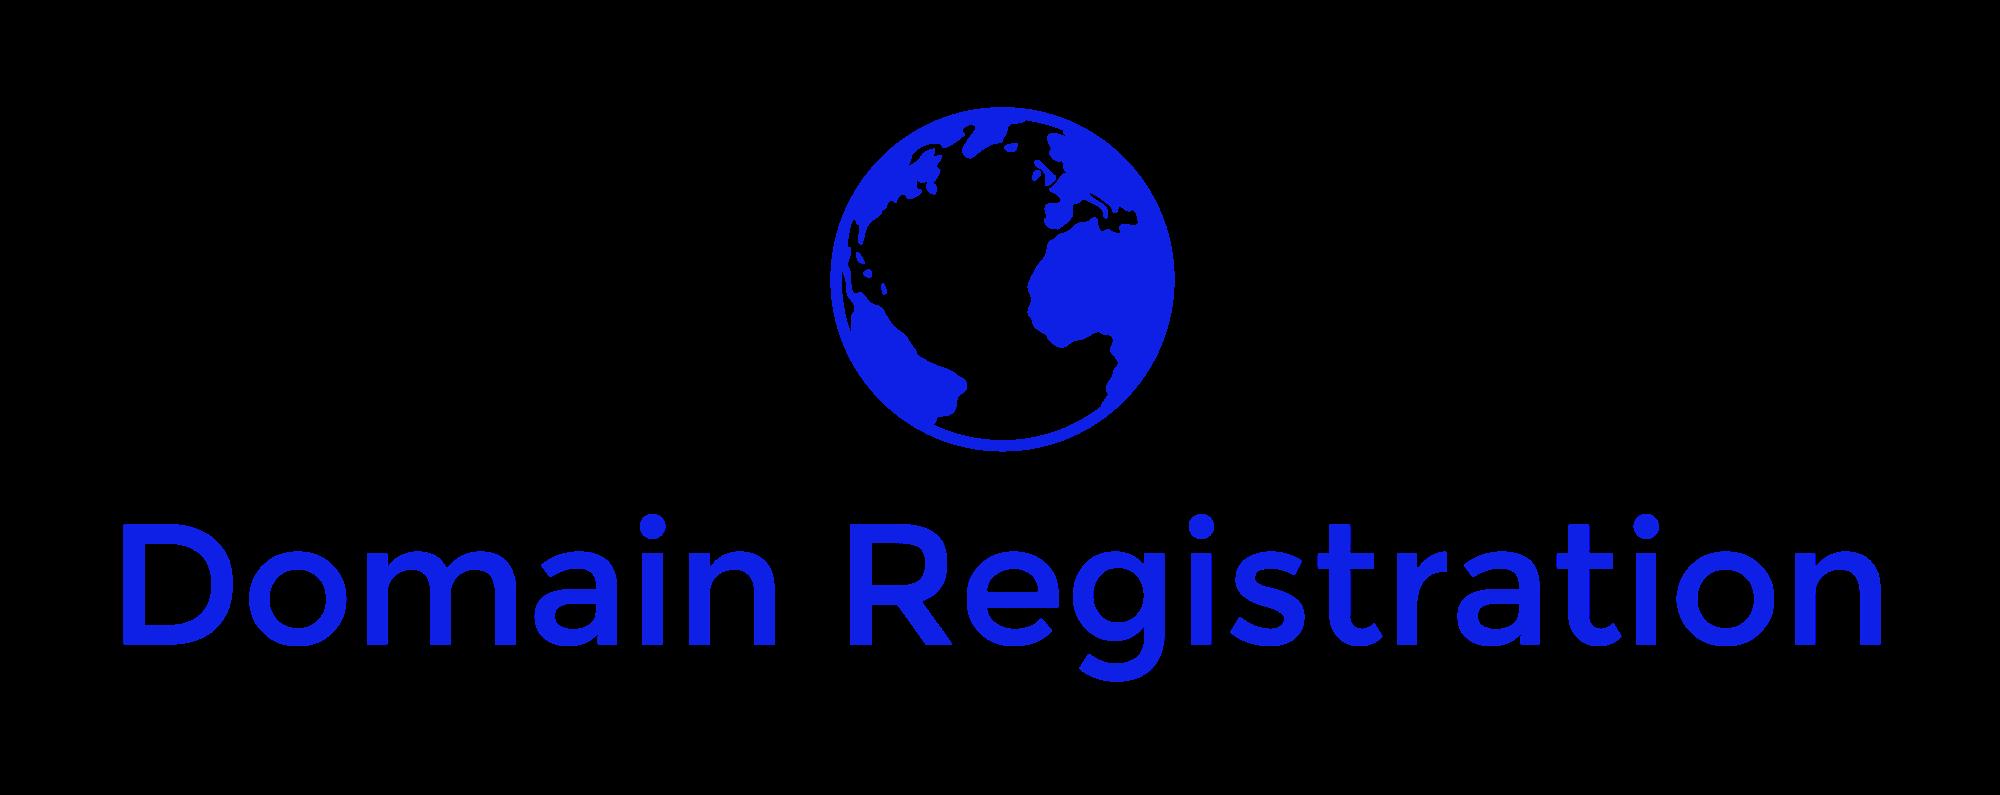 Domain Registration-logo.png